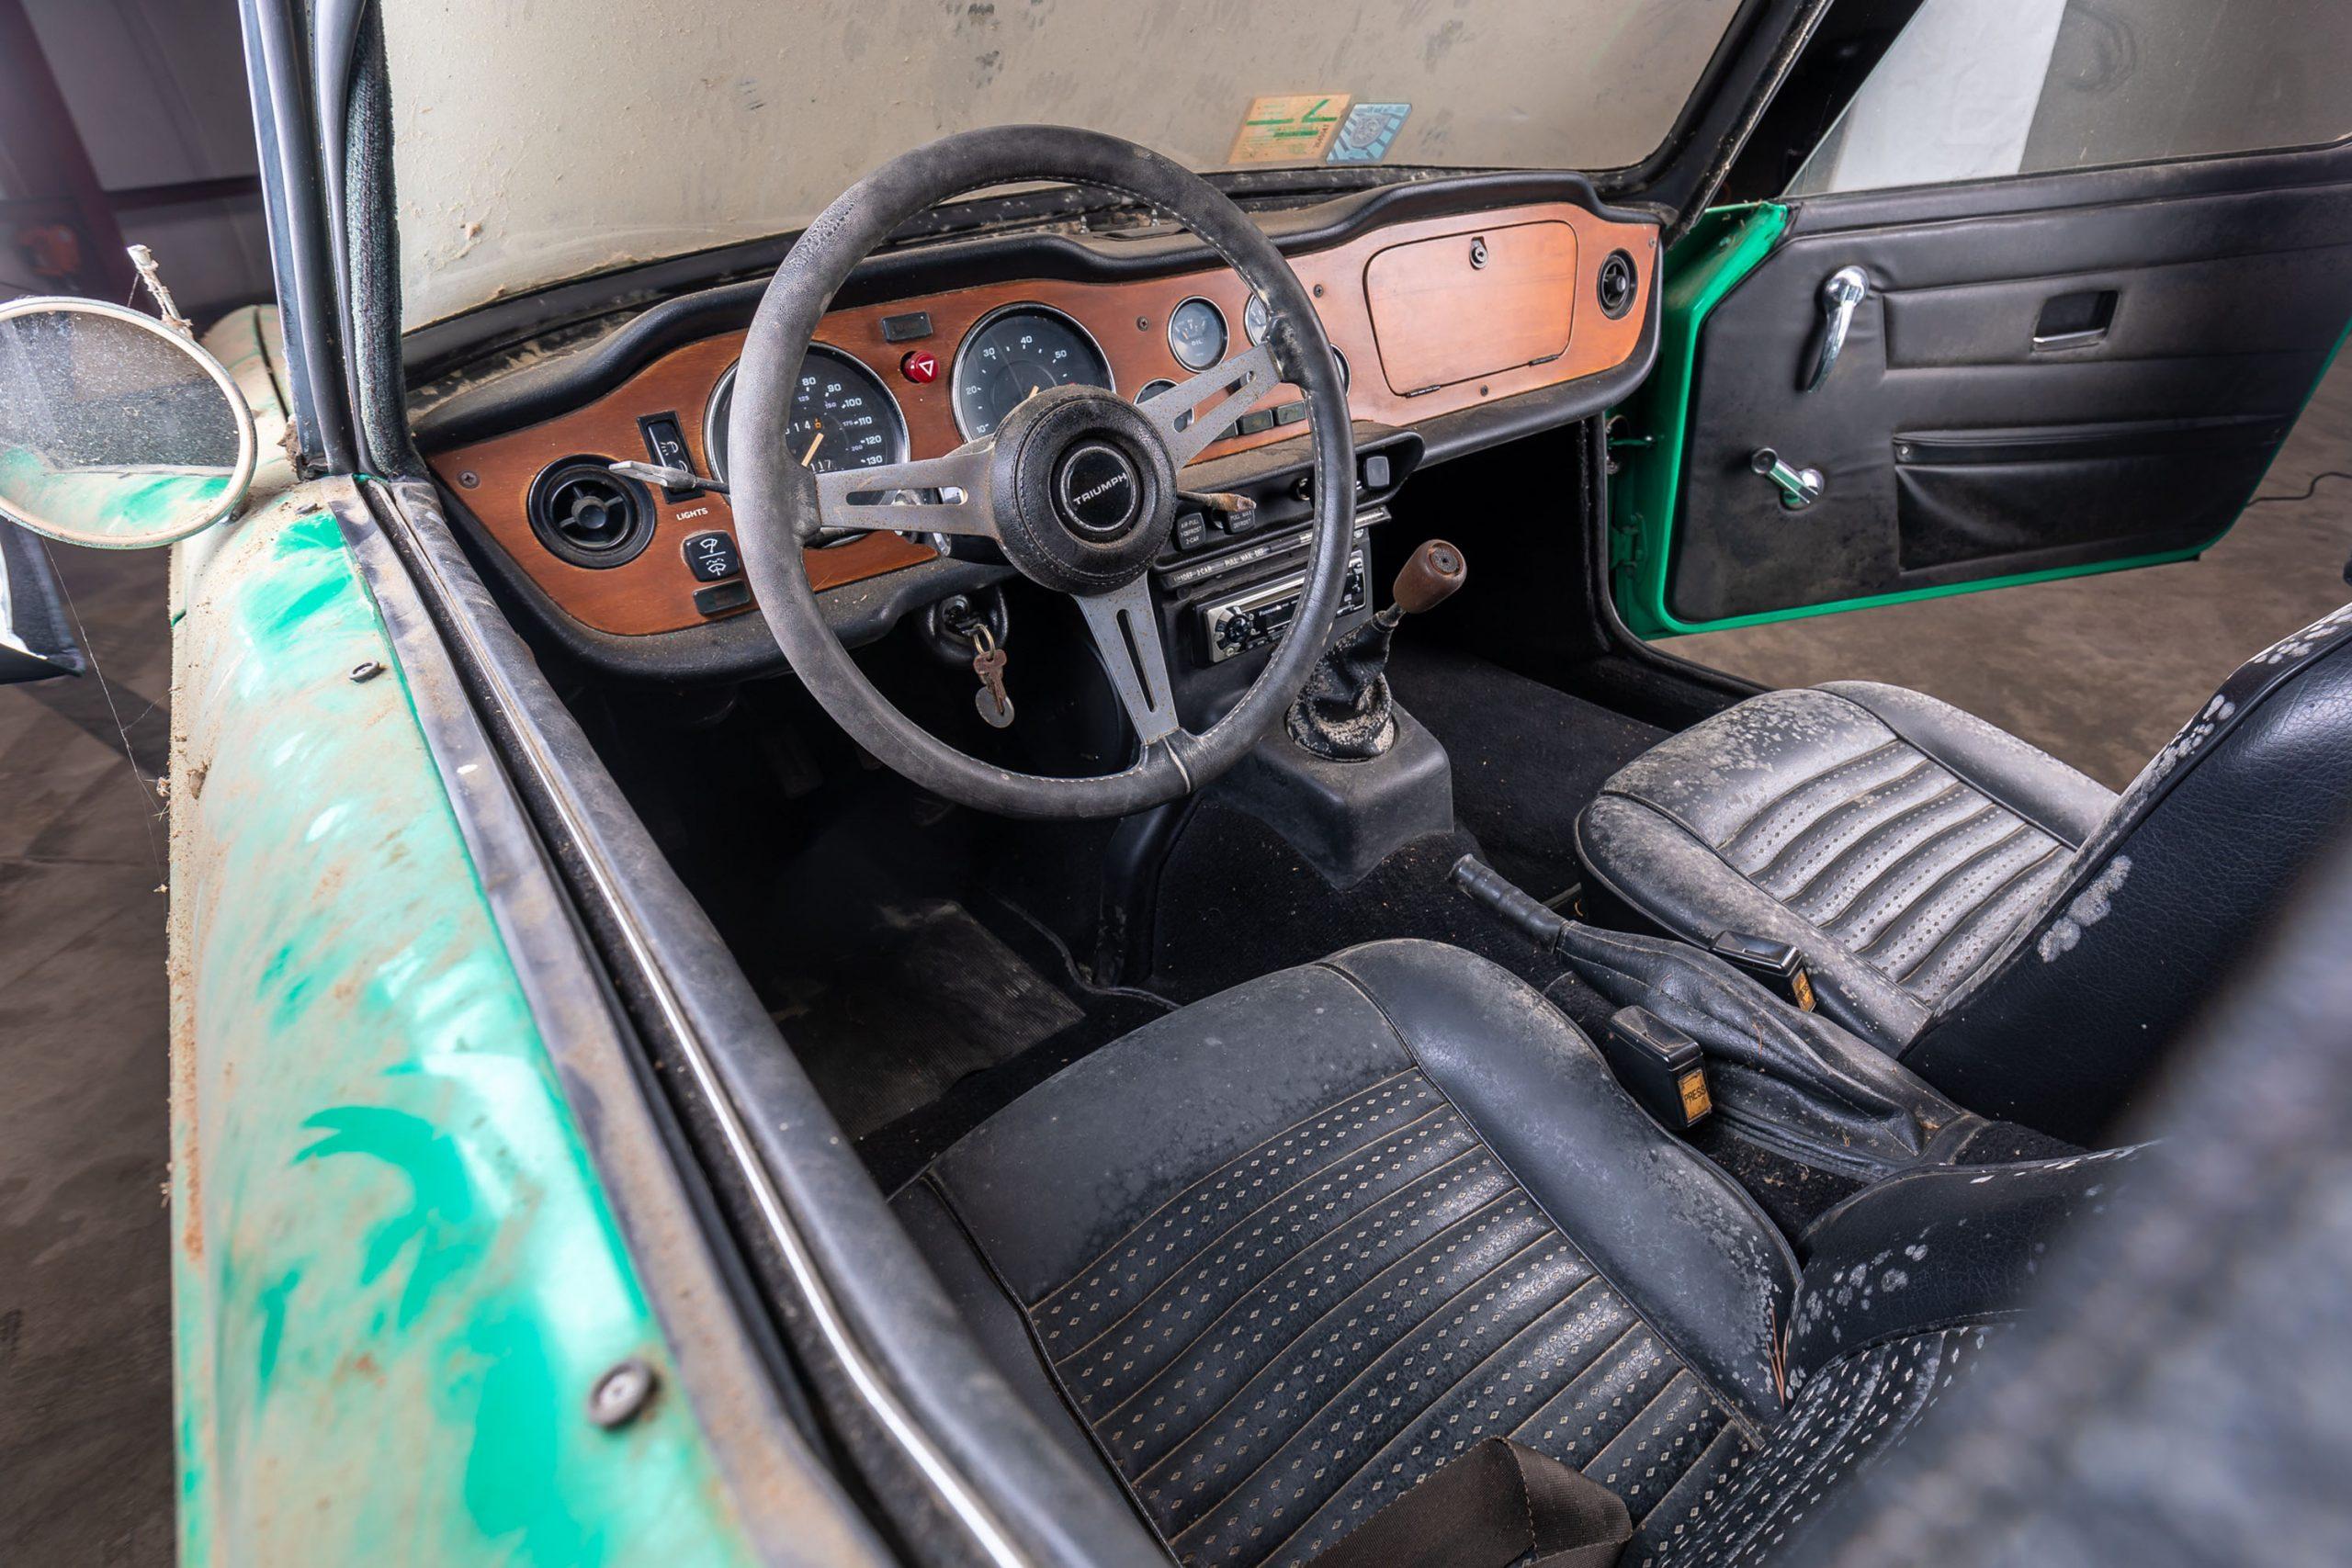 1976 Triumph TR6 Barn Find interior